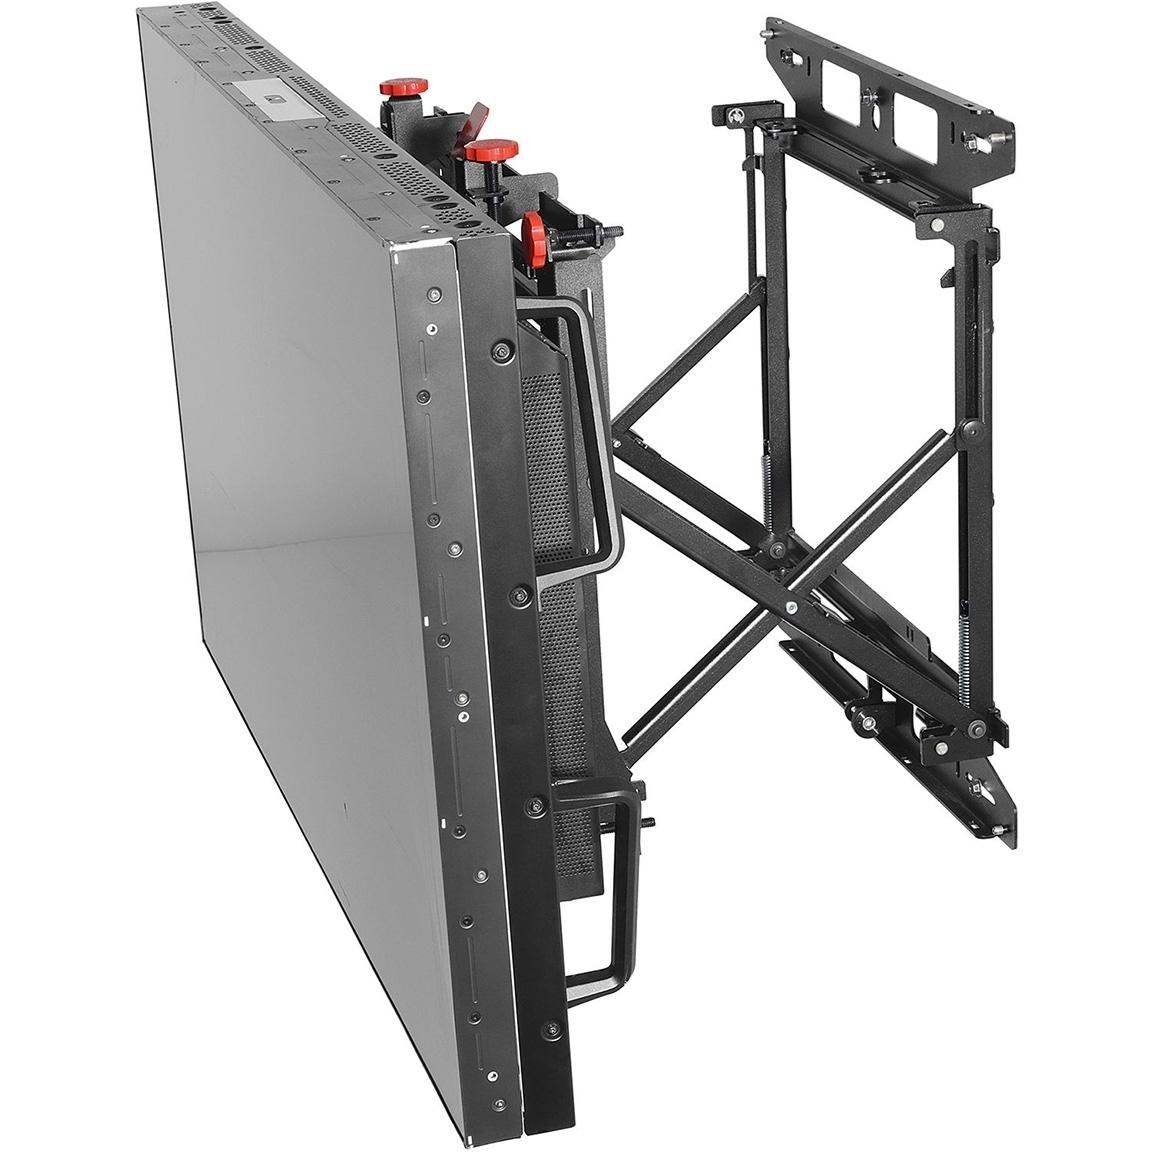 Peerless-AV DS-VW775 - Настенное крепление для ЖК-дисплея диагональю 46-60'', макс. нагрузка 56,8 кг